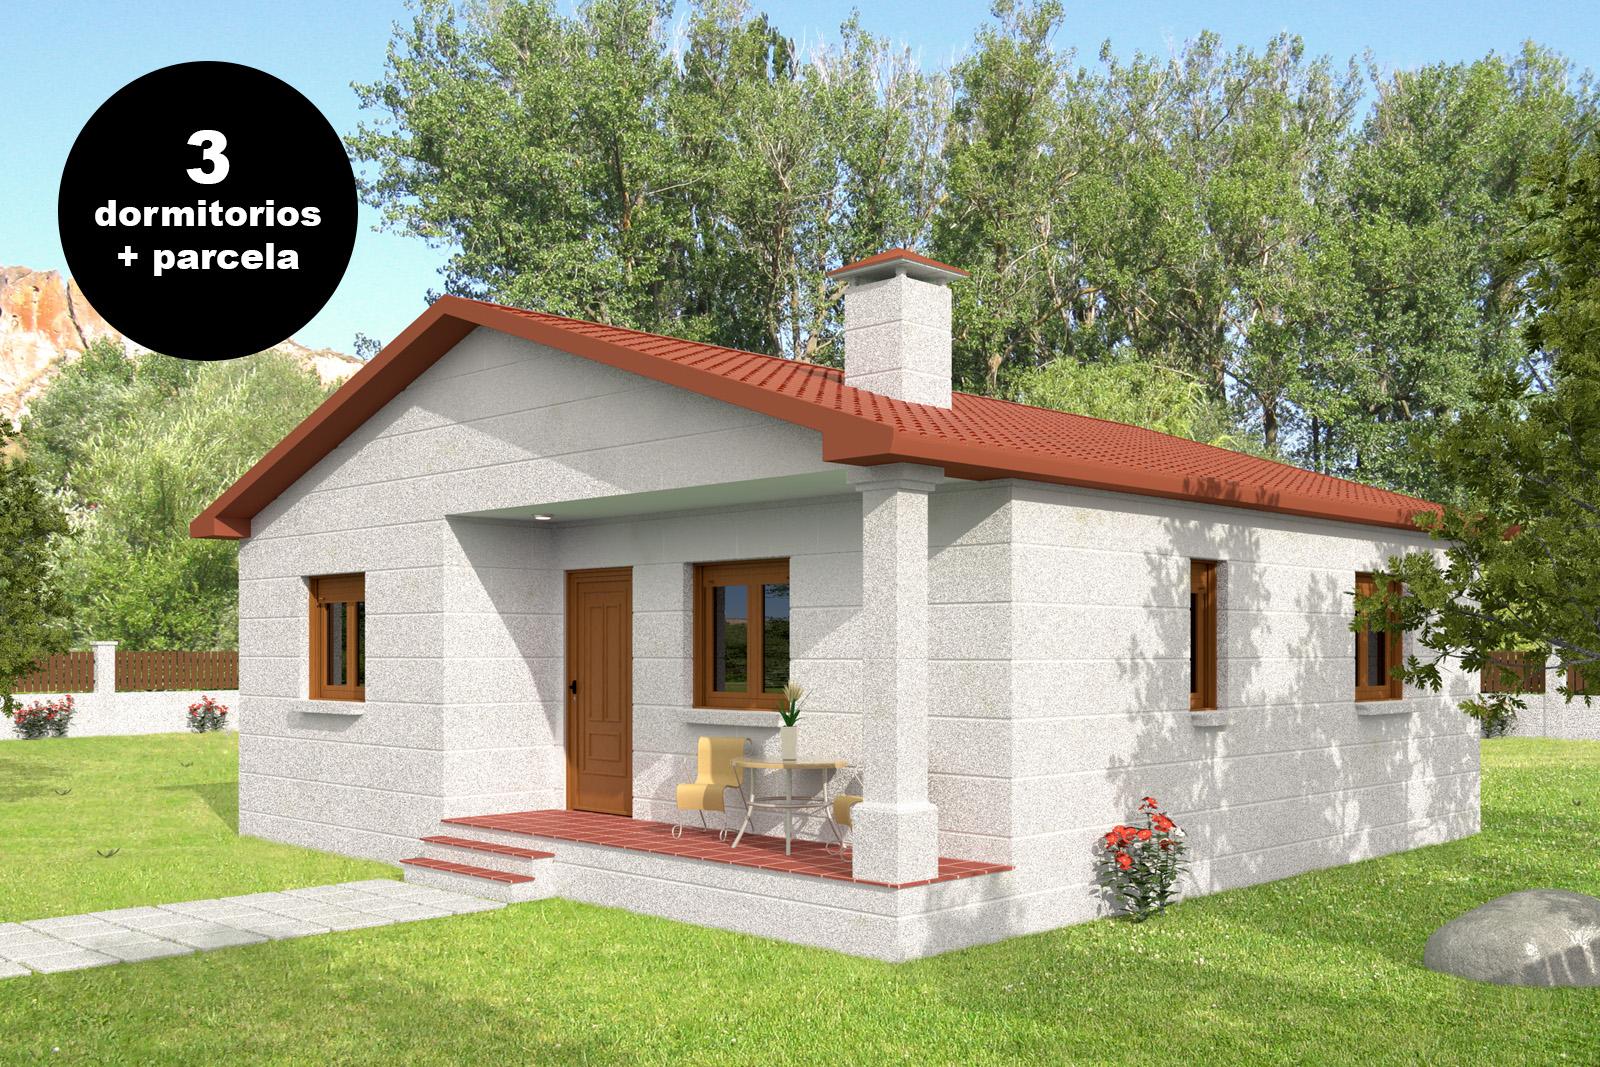 Parcelas y casas casa de piedra 3 dormitorios con parcela - Casas en planta baja ...